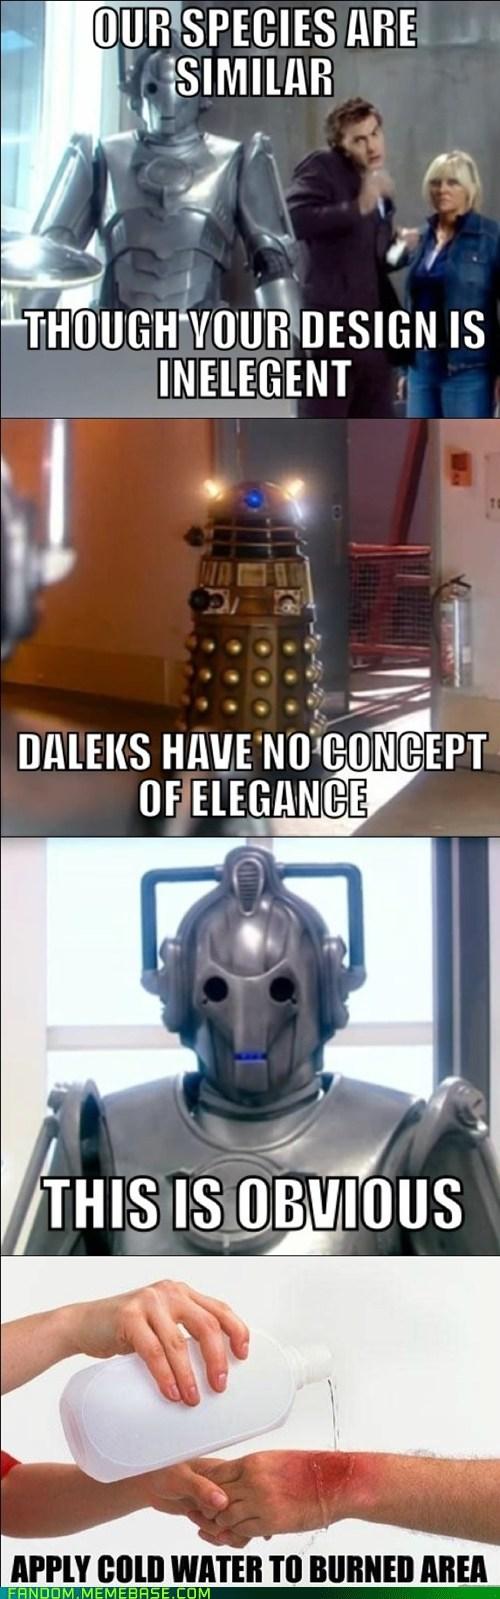 dalek cybermen doctor who - 6894542336